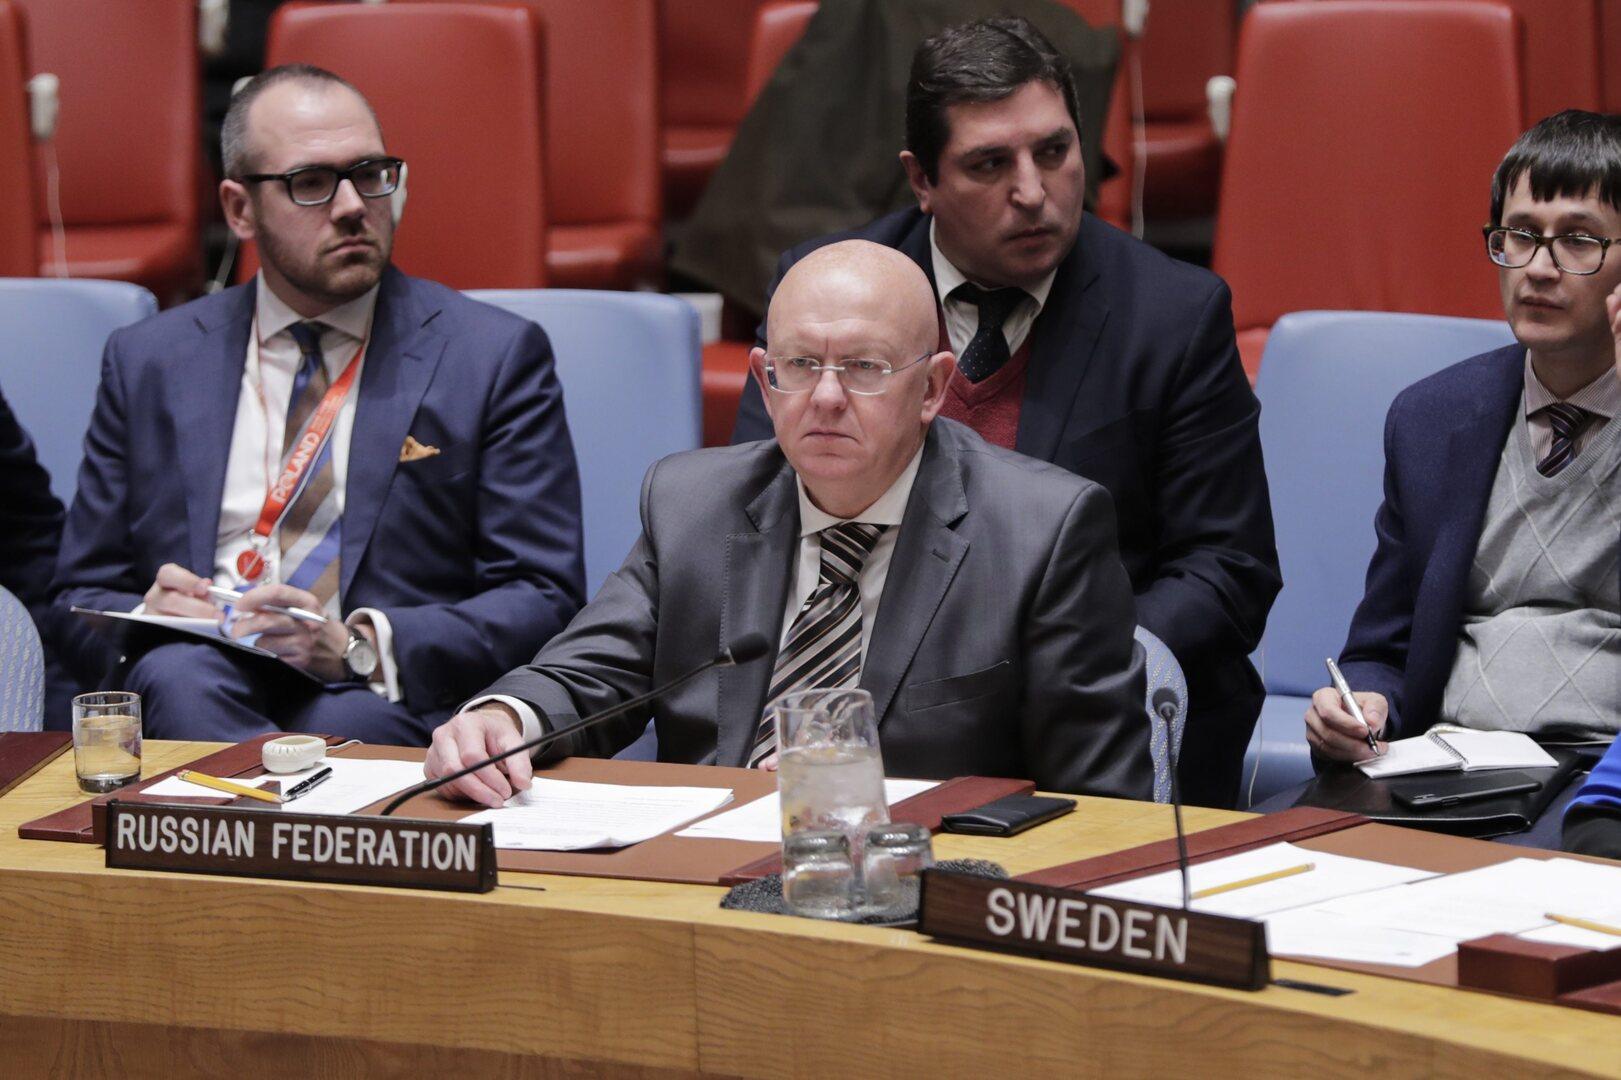 نيبينزيا: المطالبة بدخول المطعمين فقط لقاعة الجمعية العامة للأمم المتحدة غير قانونية